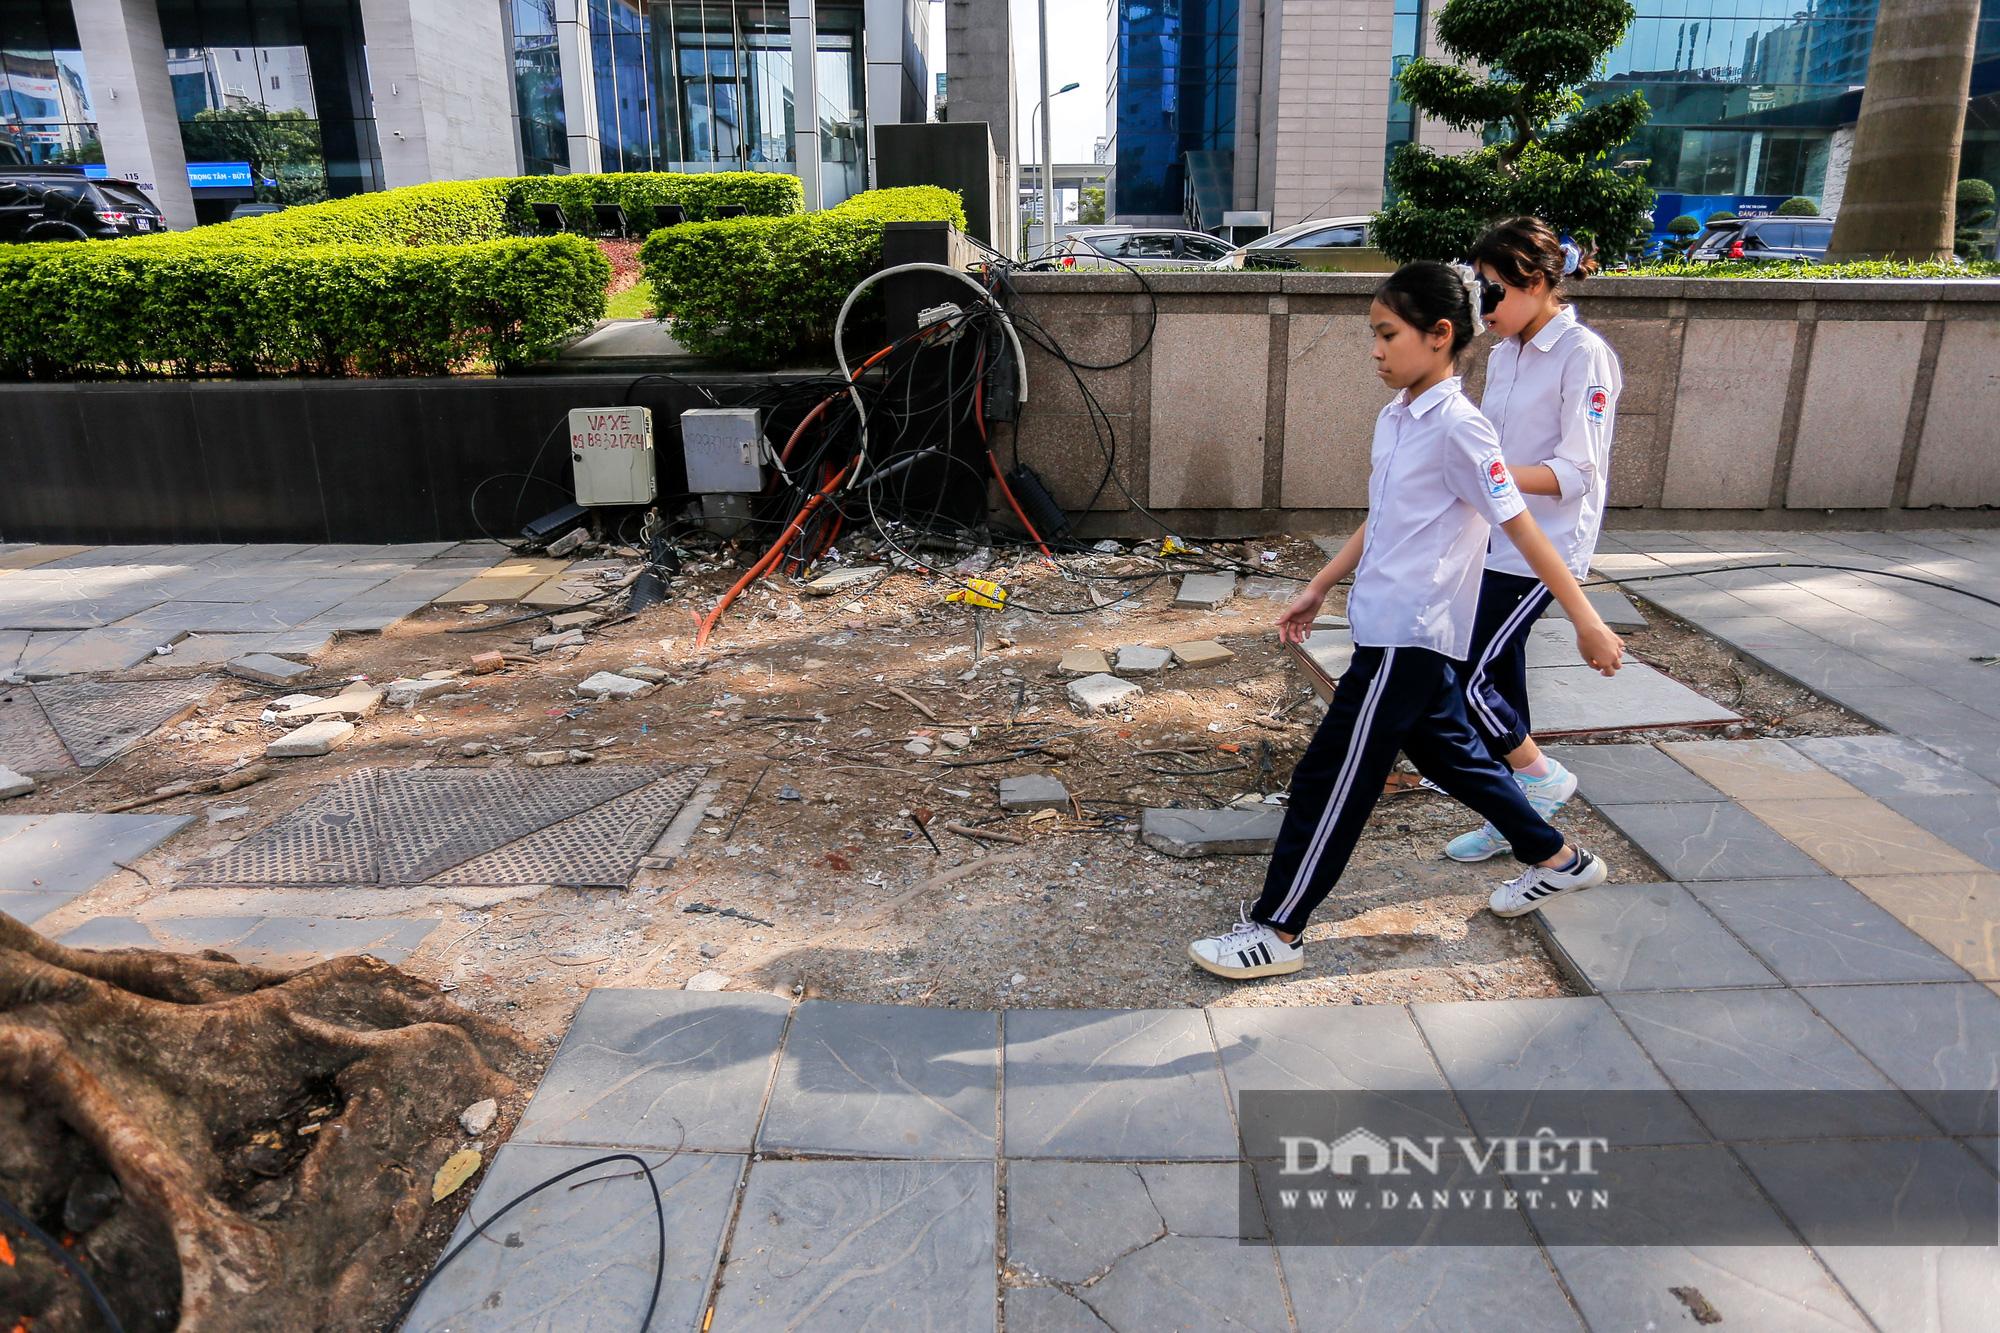 """Hà Nội: Đá lát vỉa hè độ bền 70 năm """"vỡ không thương tiếc"""" chỉ sau 3 năm - Ảnh 2."""